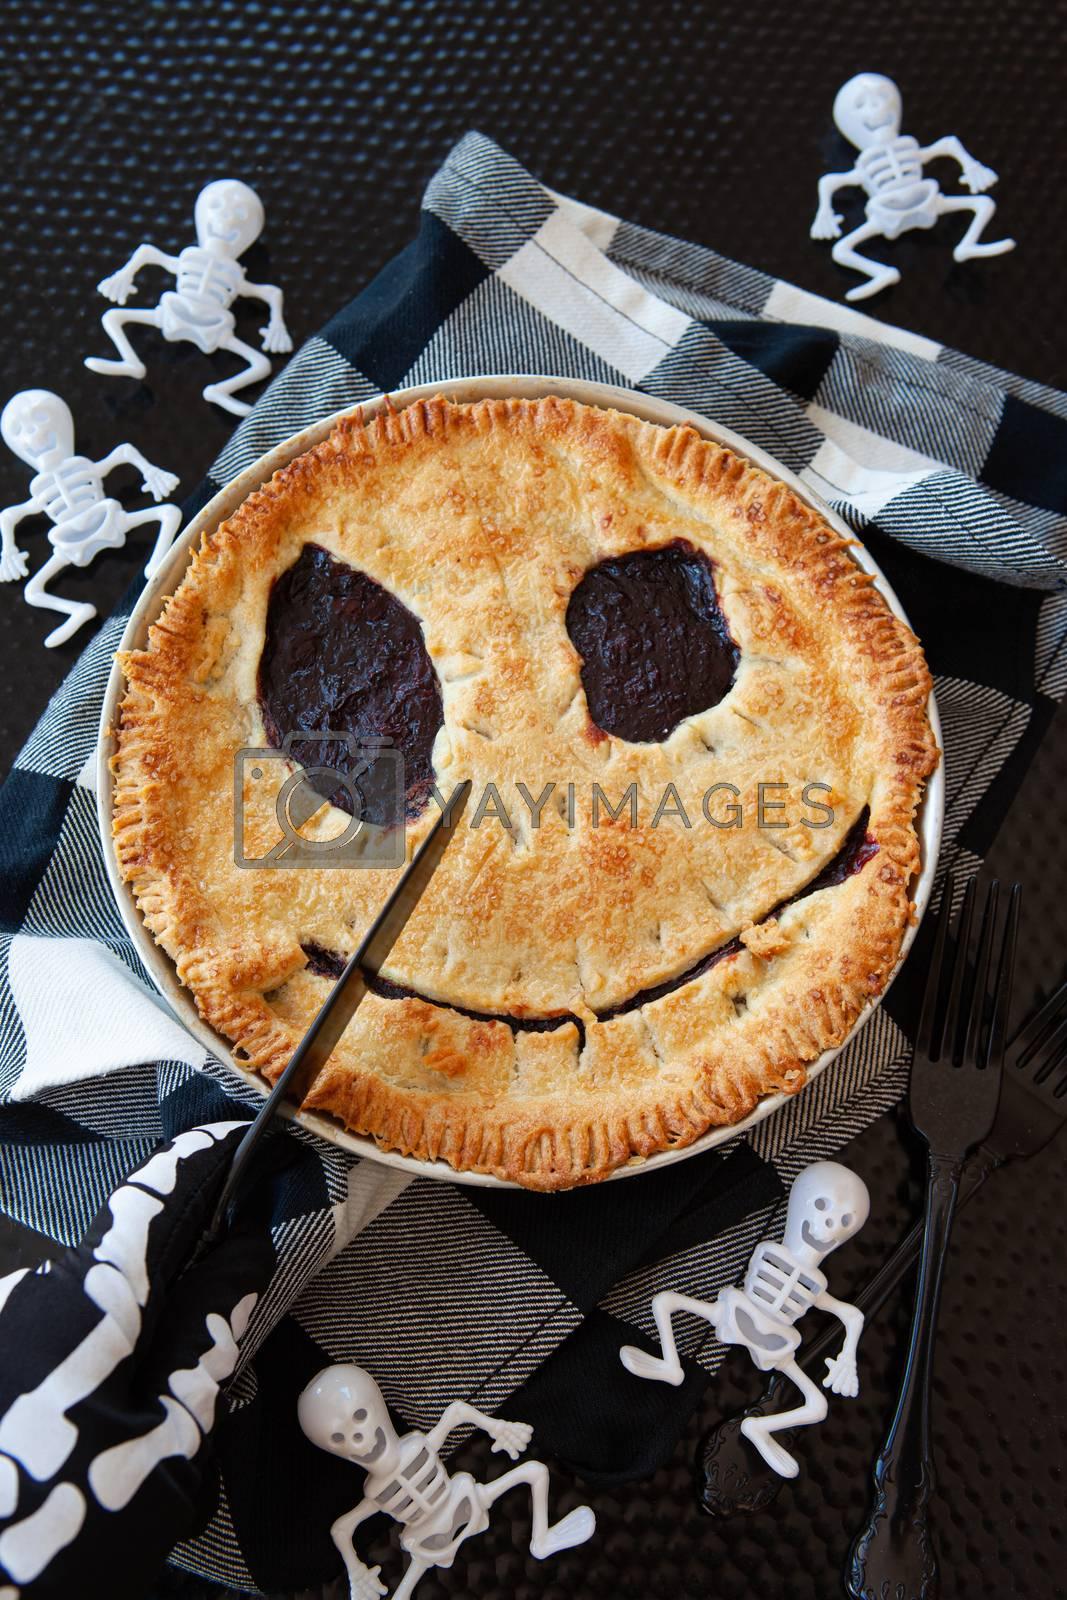 Homemade cherry pie by BarbaraNeveu